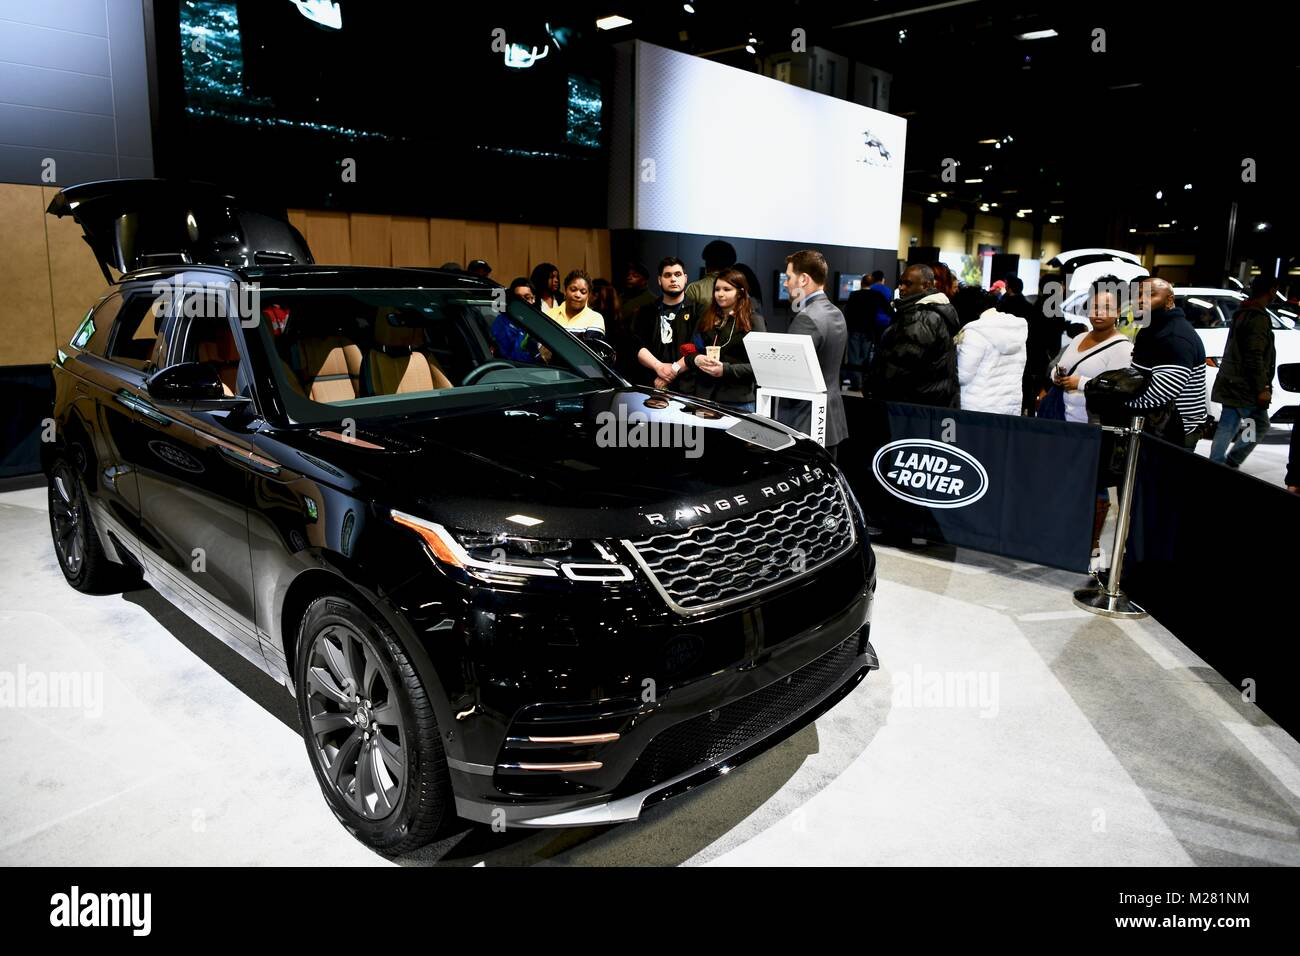 Range Rover Tour At The Washington Auto Show Washington DC - Washington dc car show discount tickets